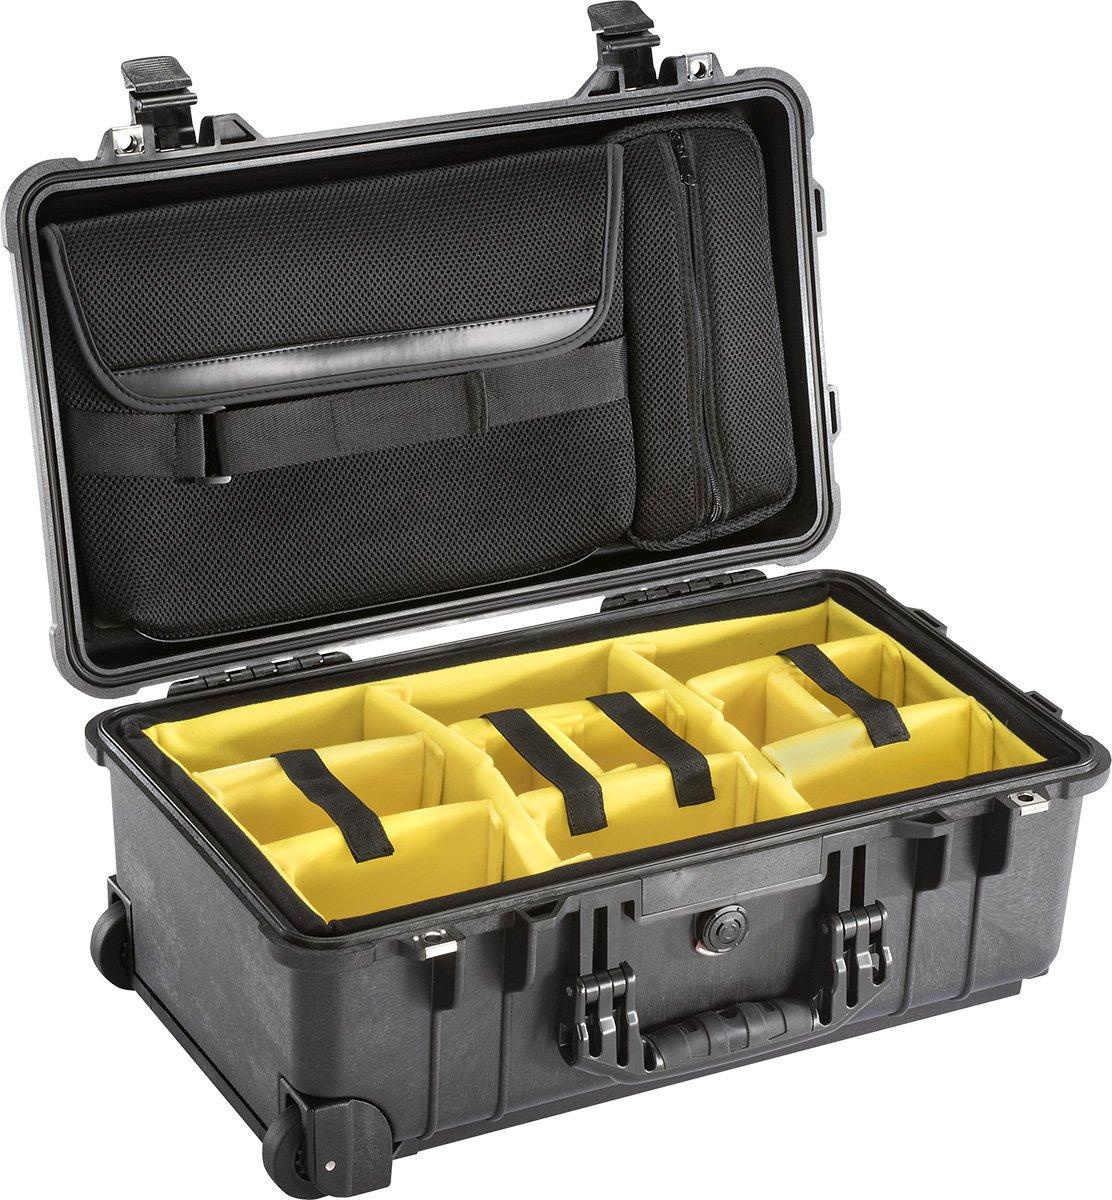 ブラックPelican 1510sc。は、パッド入りディバイダー& Lidポーチ&無料TSAロック   B01M7ZKJ6P